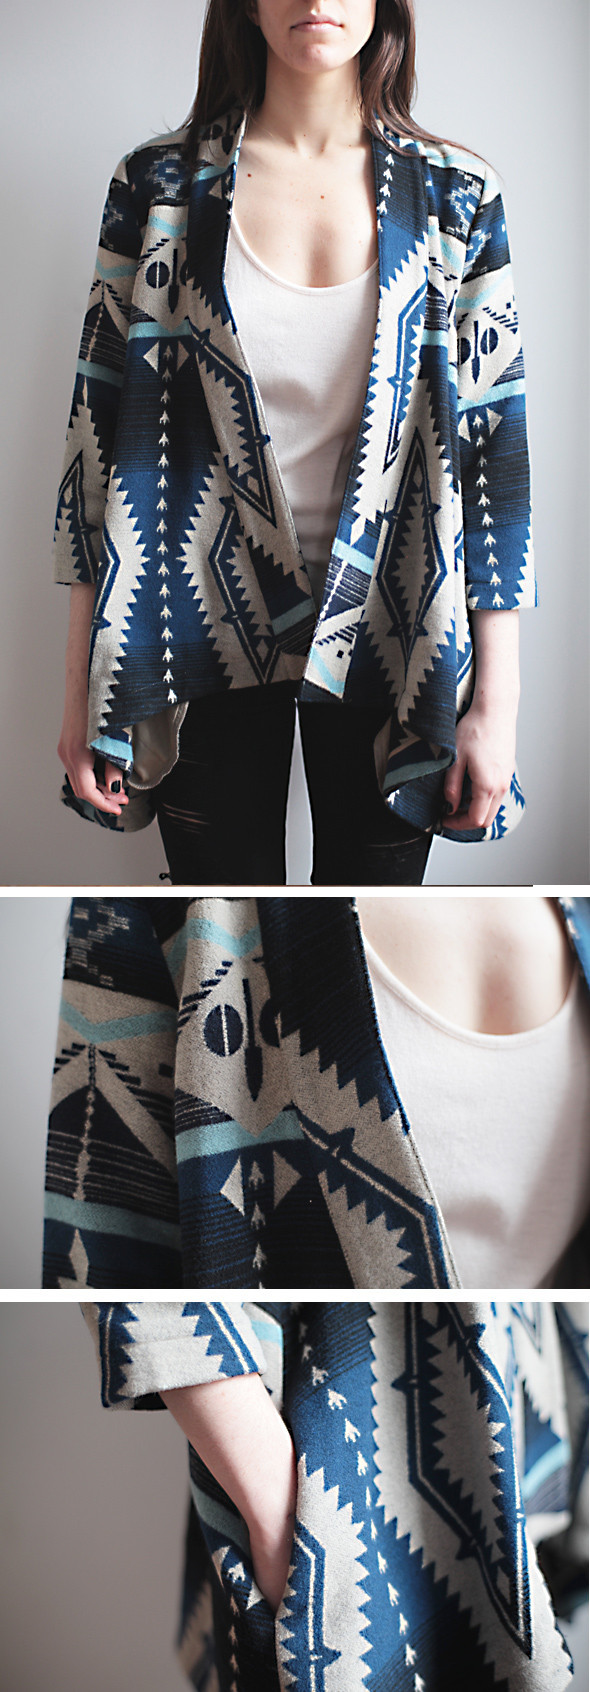 Гардероб: Хизер Эшли Розенталь, графический дизайнер Kate Spade. Изображение № 39.